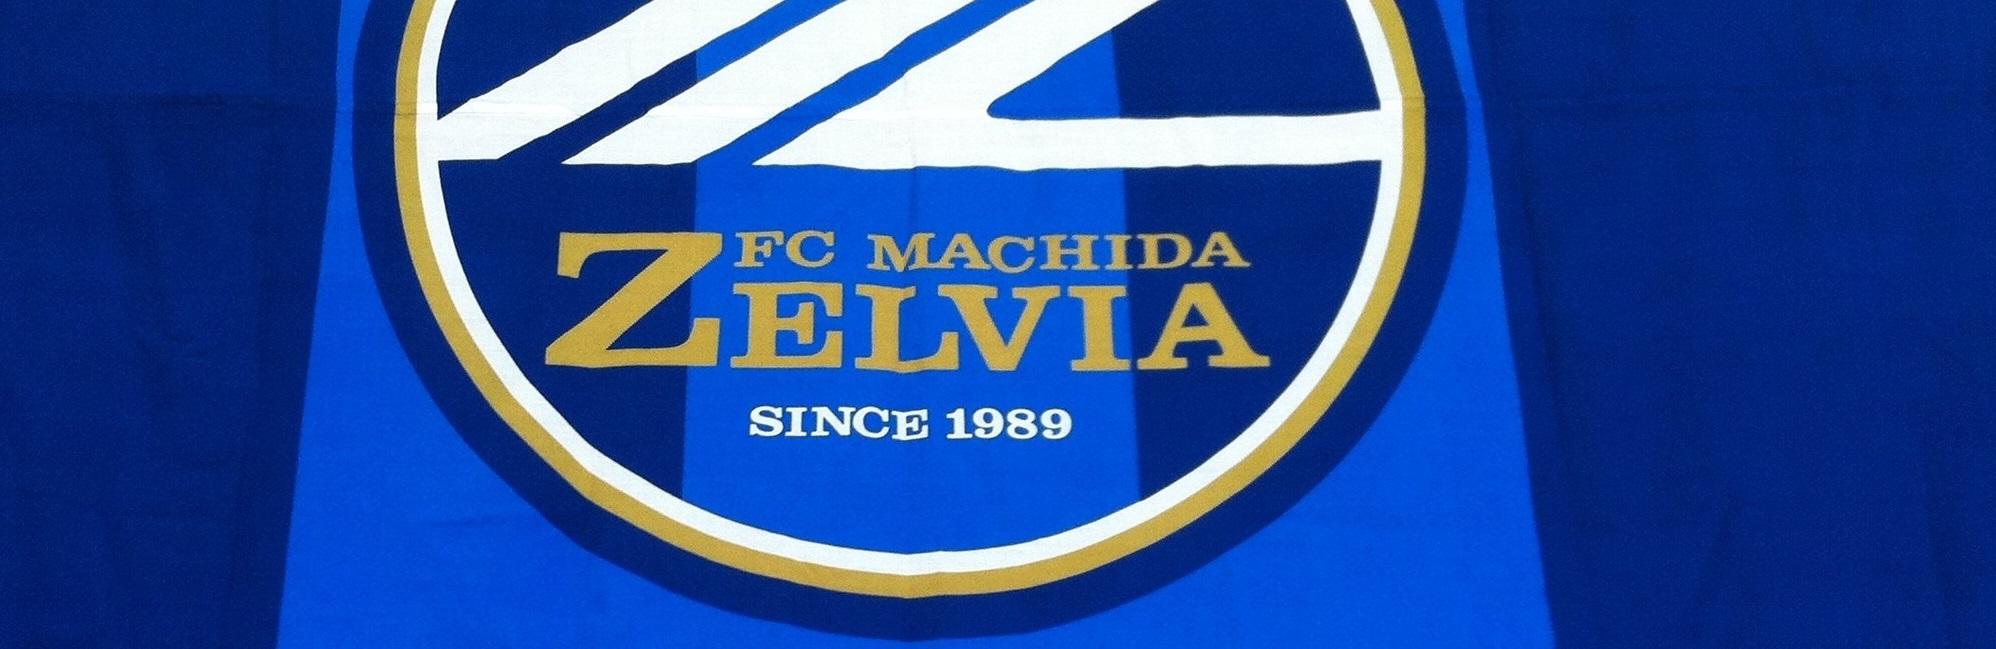 zelvia-banner